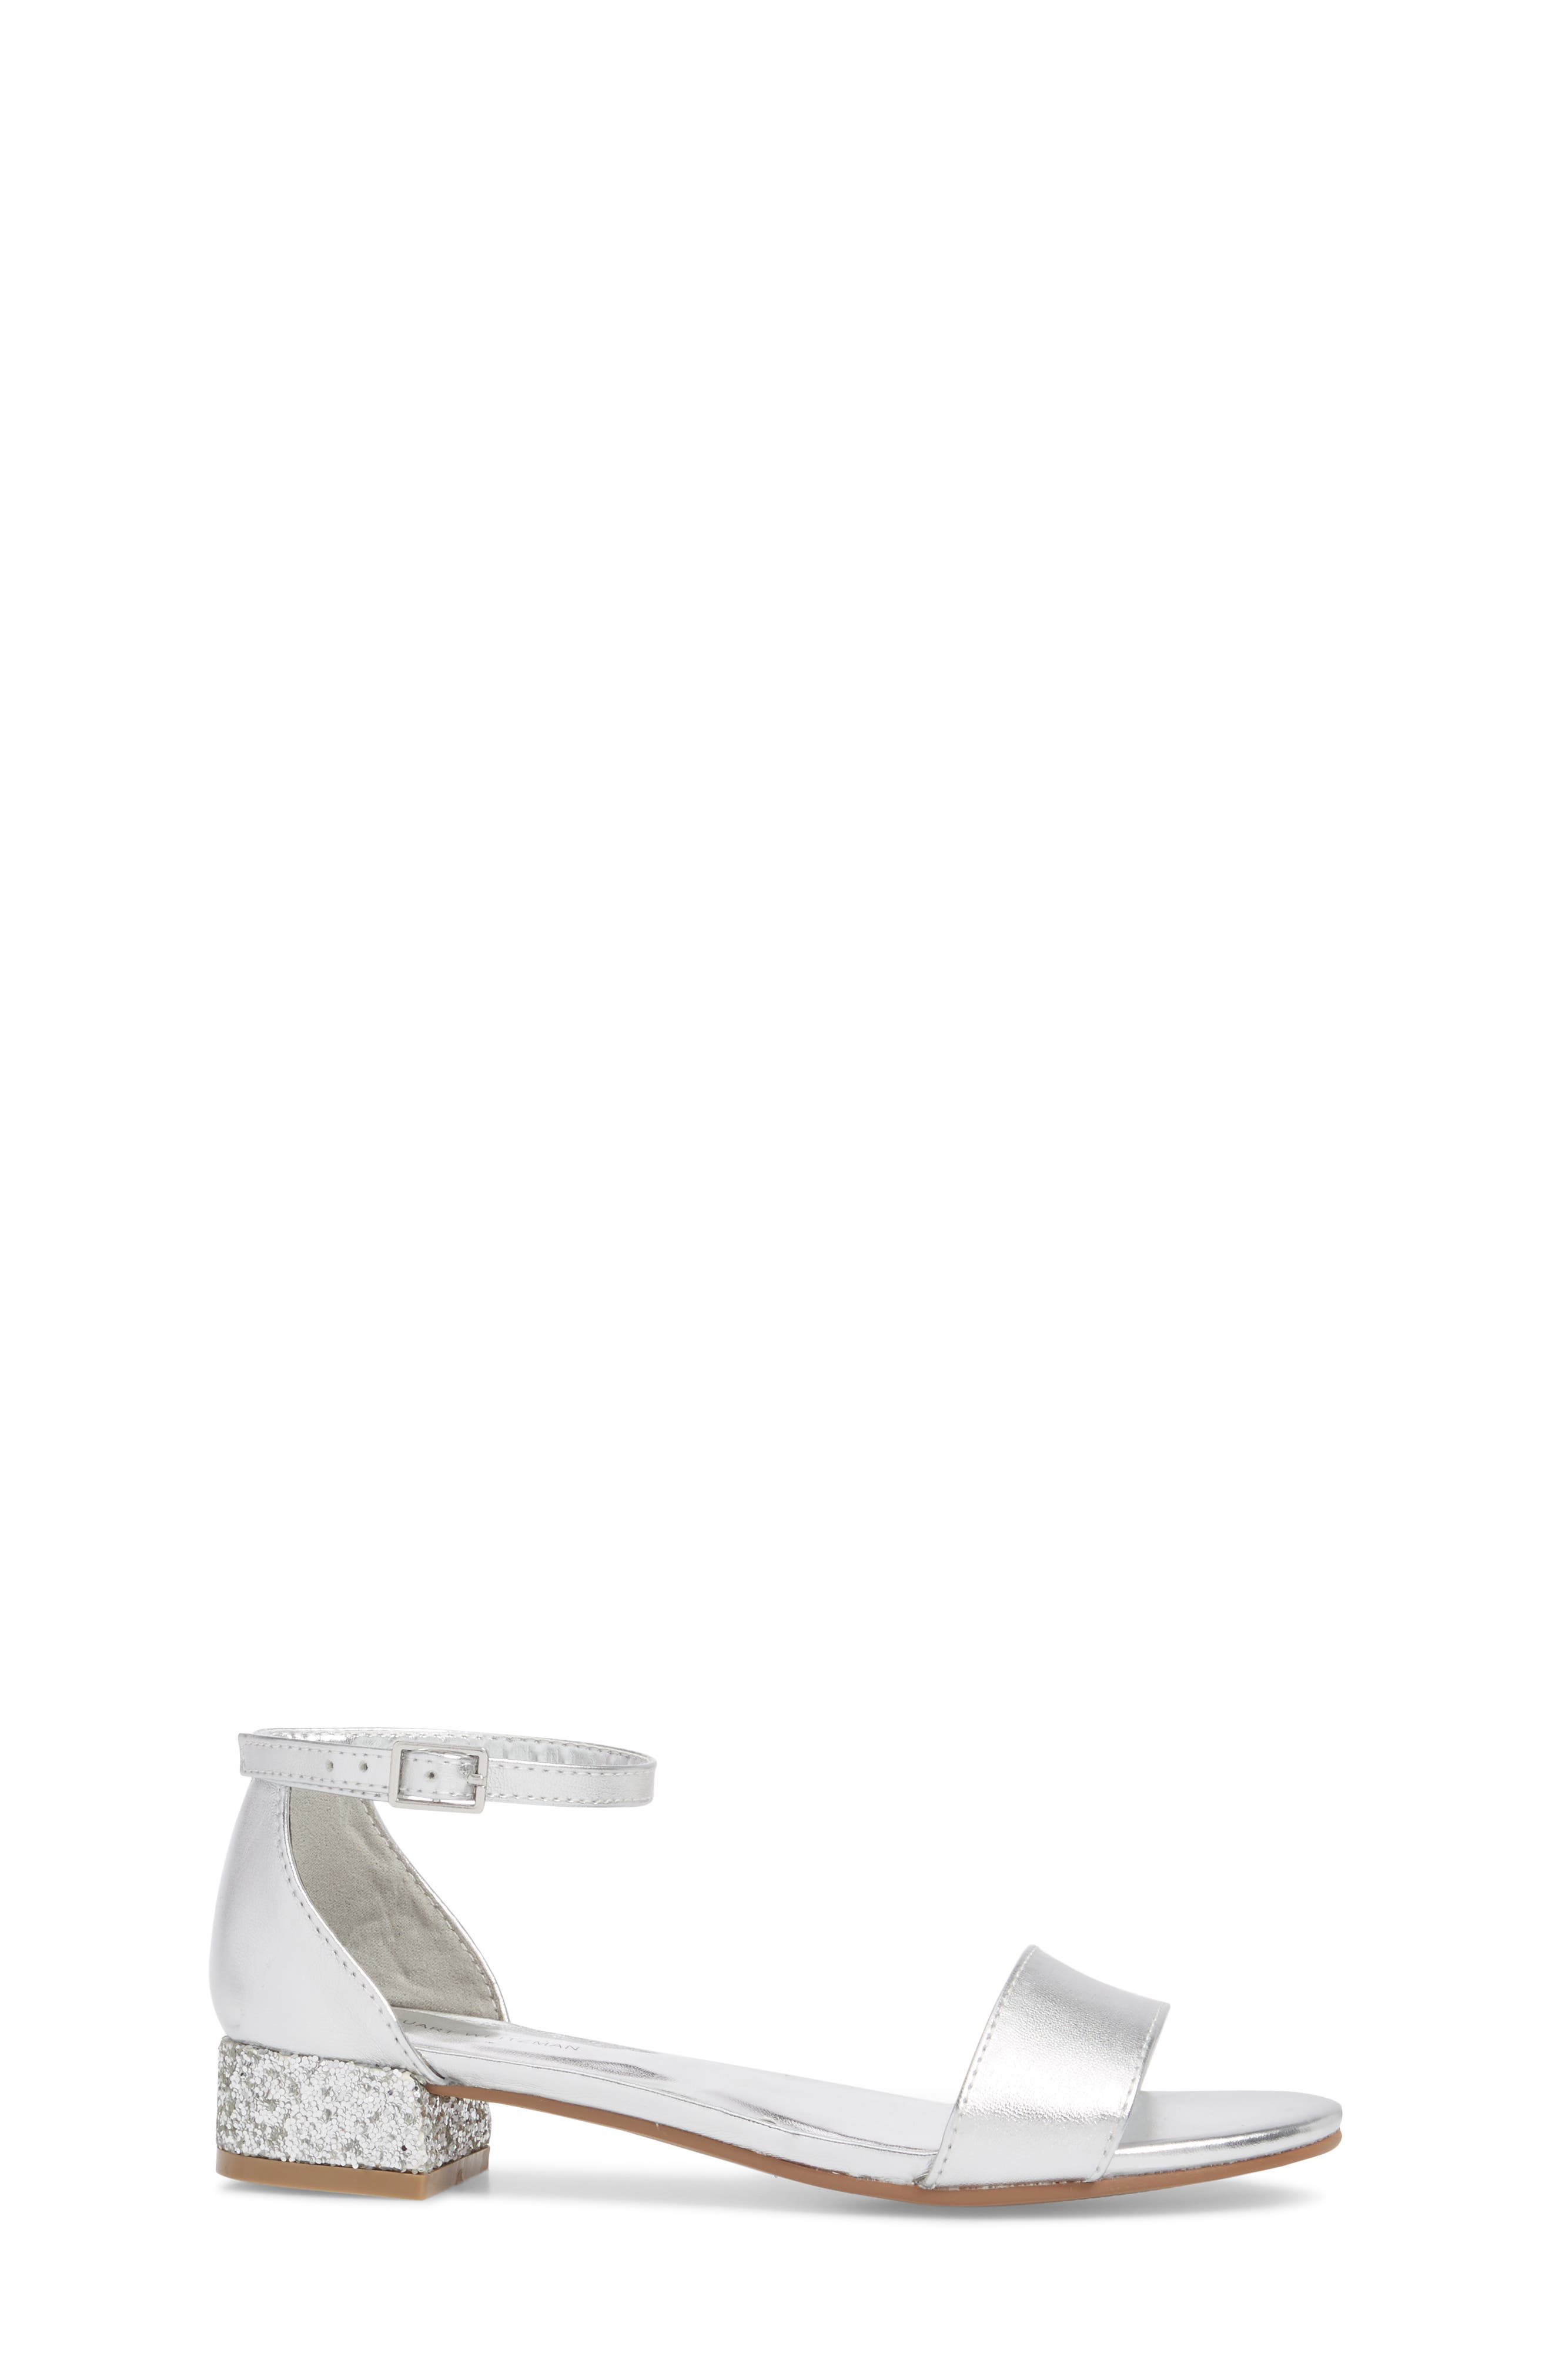 STUART WEITZMAN, Penelope Glitter Heel Sandal, Alternate thumbnail 3, color, SILVER